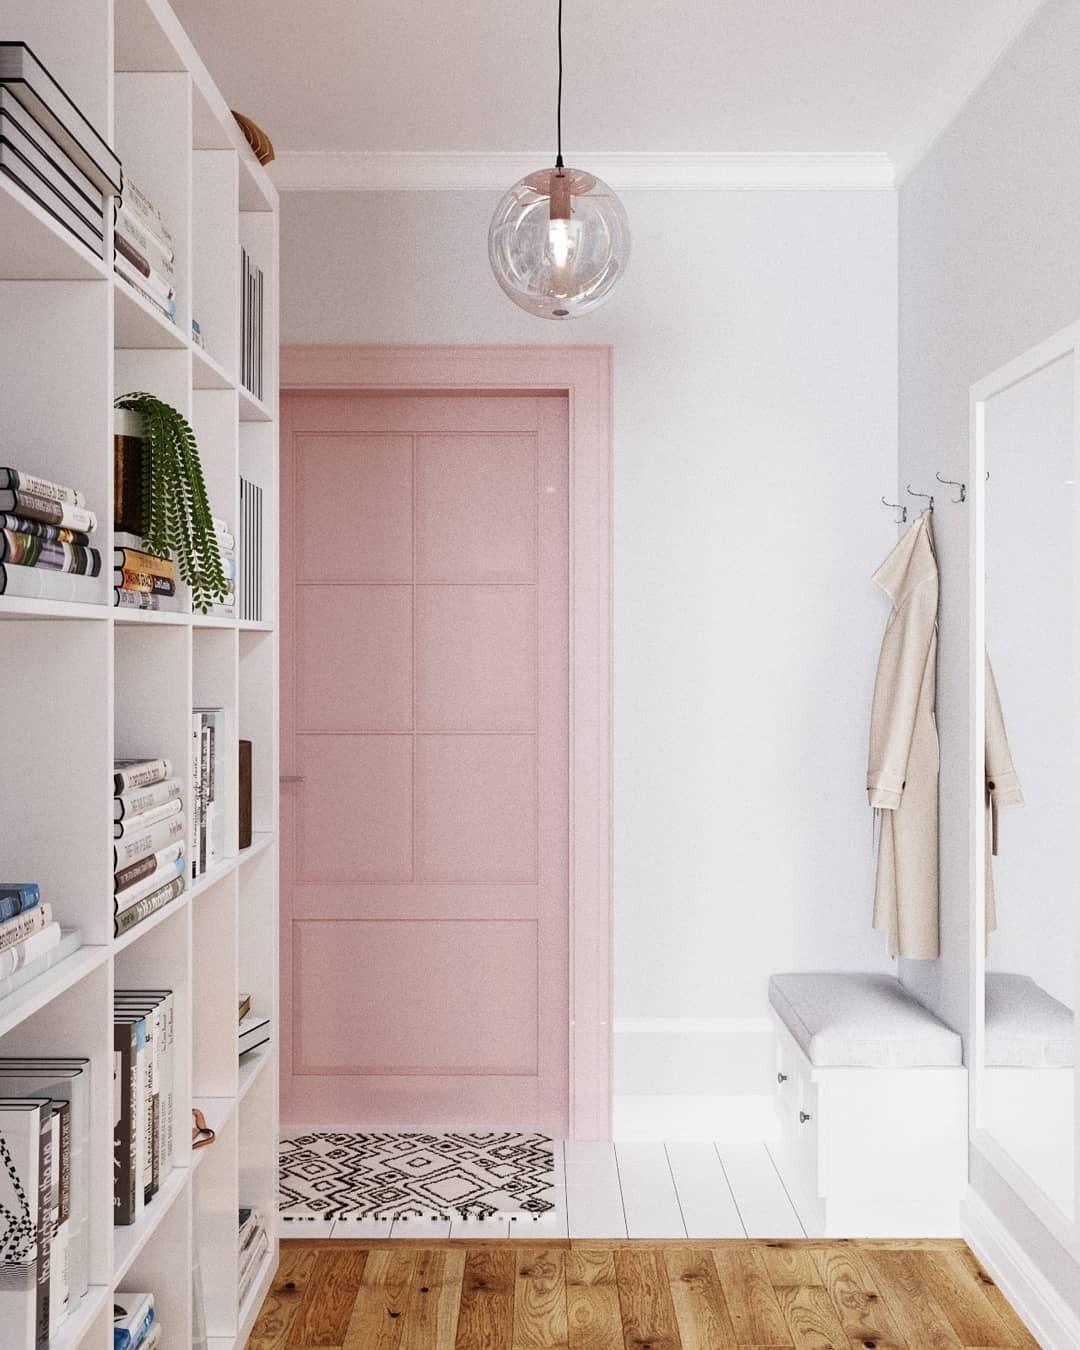 Лучше сразу выбирать цветную дверь, а не перекрашивать её: не все материалы просто покрасить